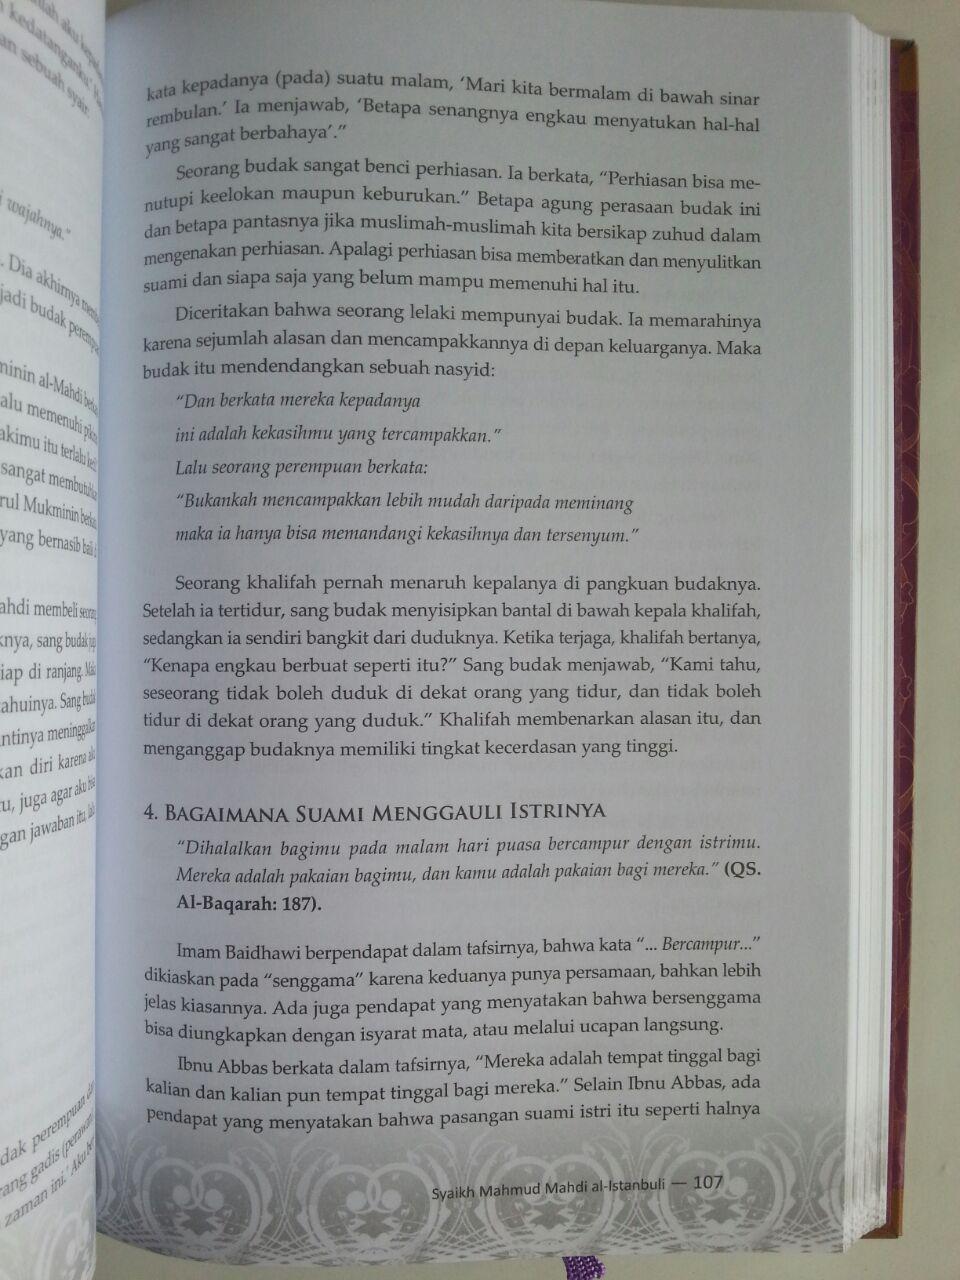 Buku Kado Perkawinan Tuntunan Mempersiapkan Pernikahan Islami isi 3